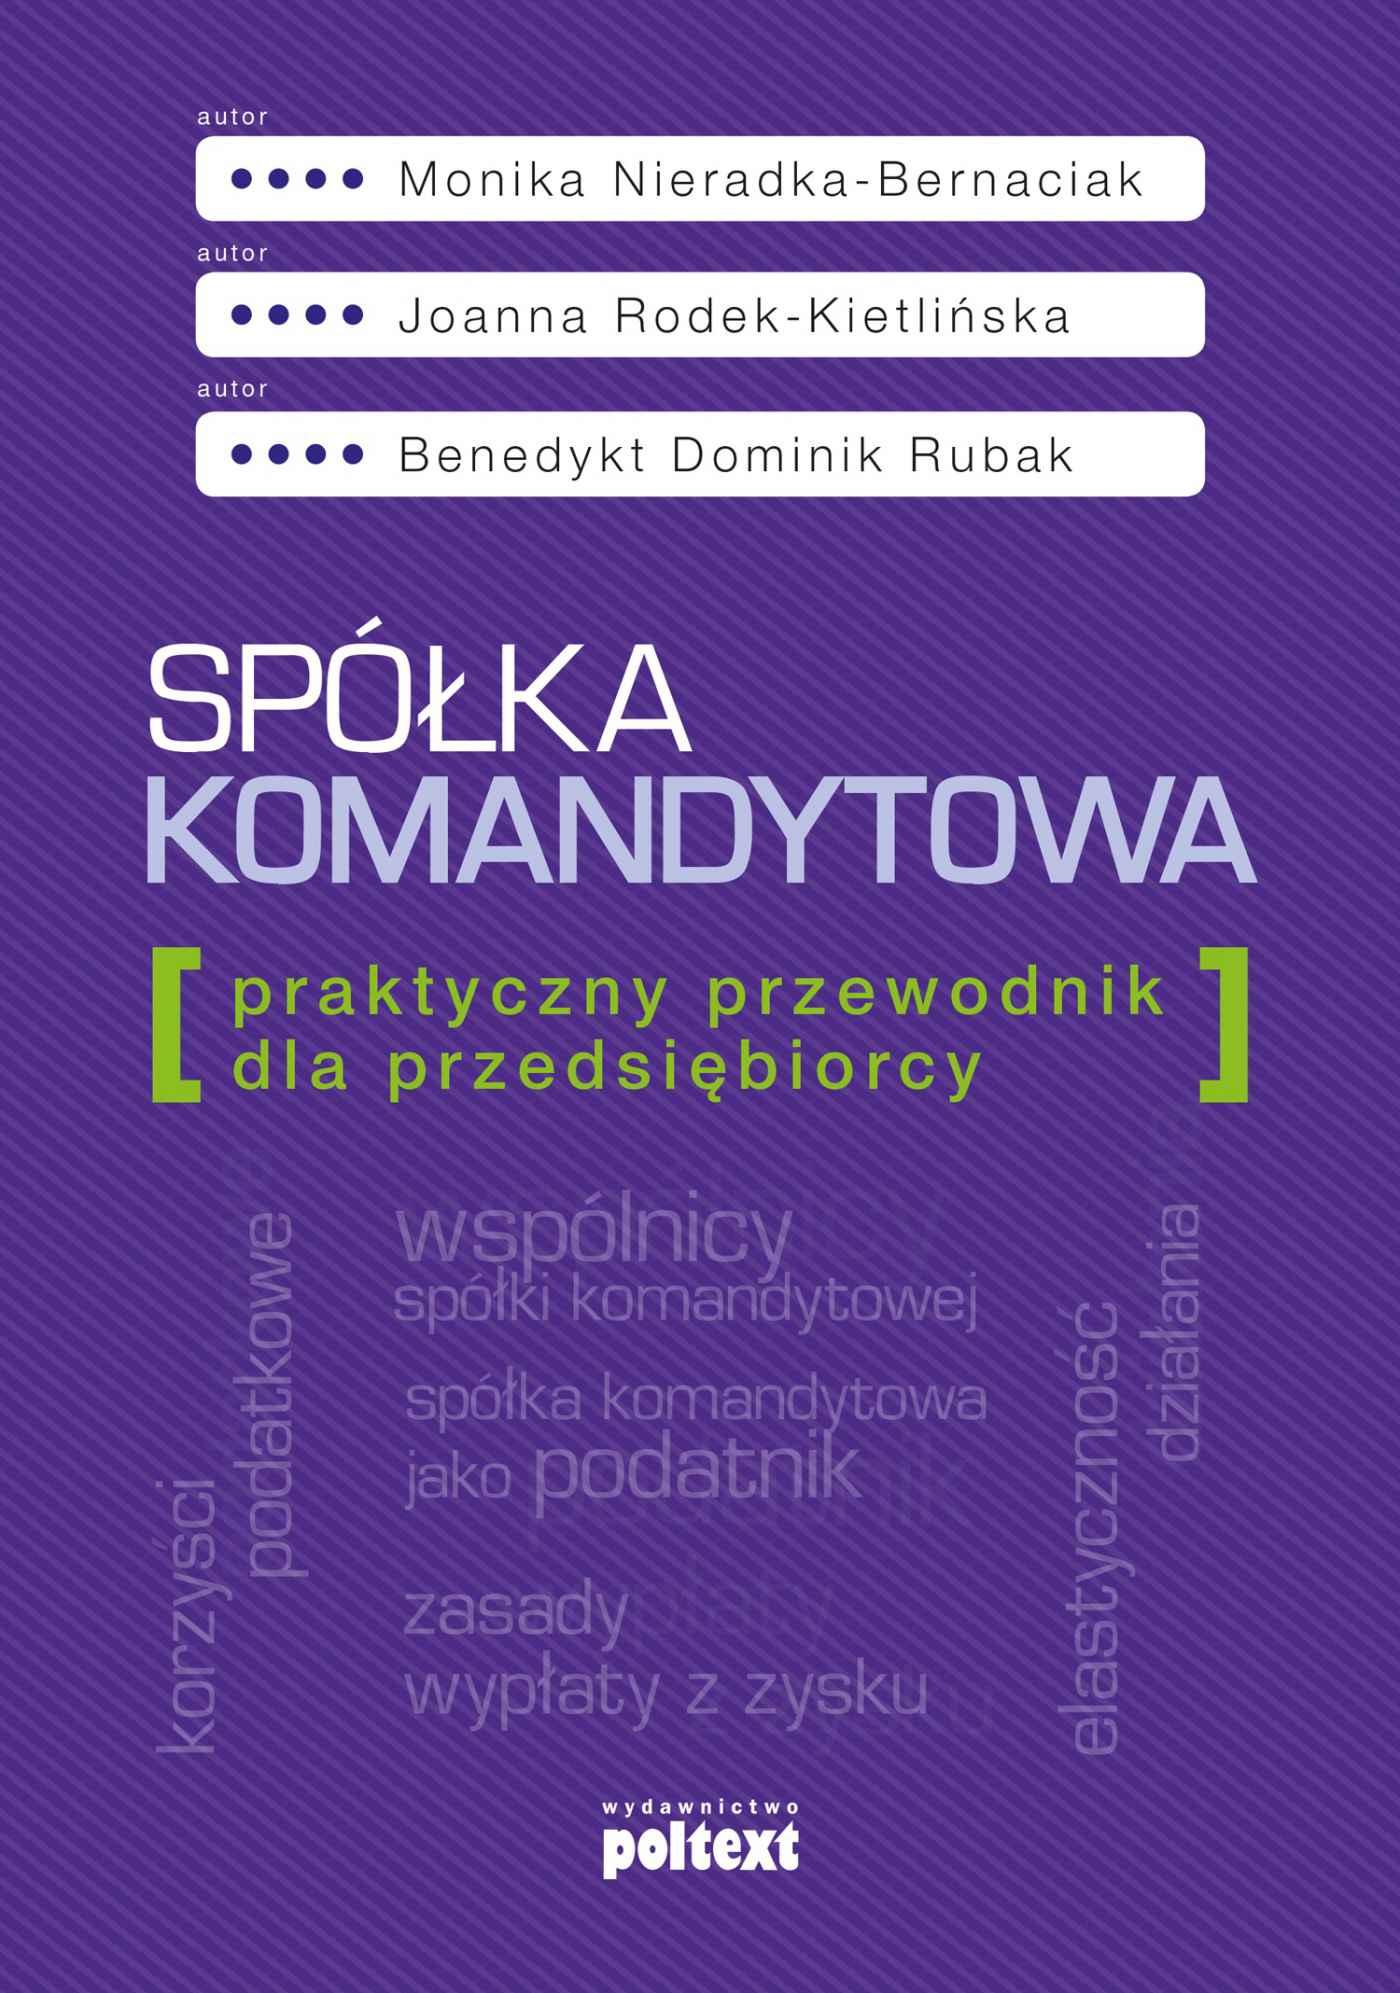 Spółka komandytowa. Praktyczny przewodnik dla przedsiębiorcy - Ebook (Książka na Kindle) do pobrania w formacie MOBI